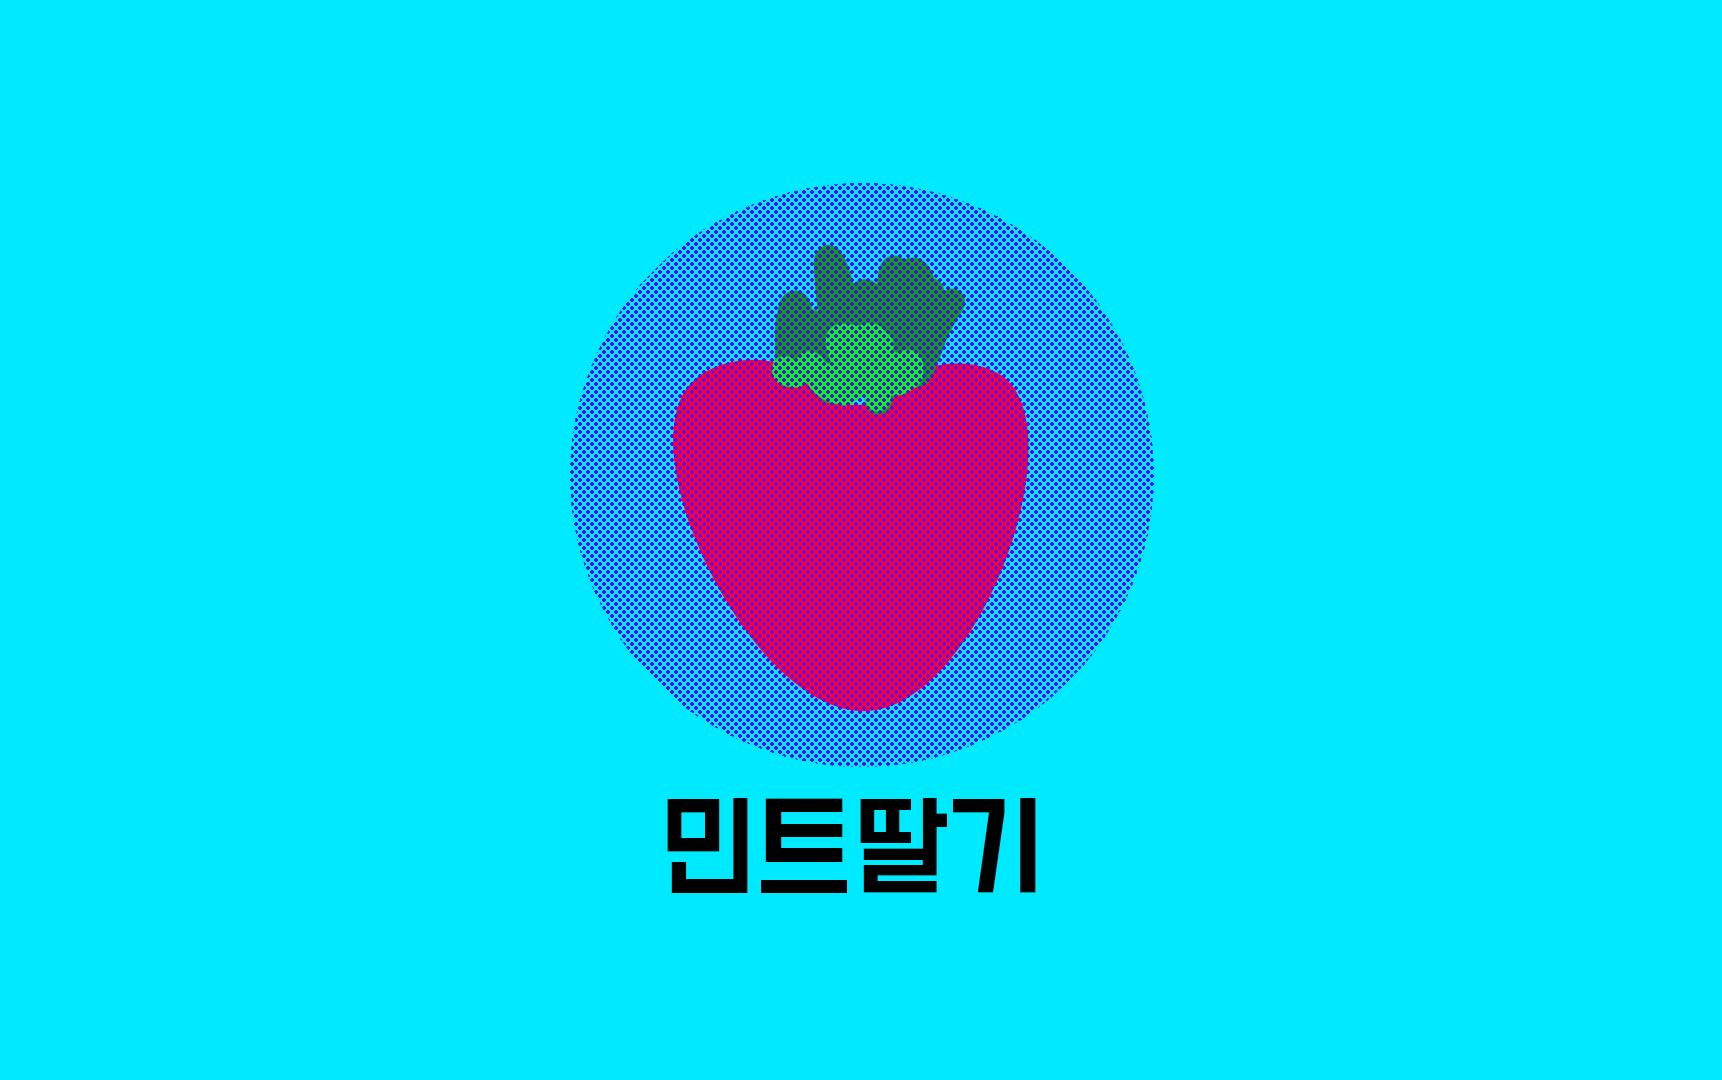 민트딸기의 프로필 이미지